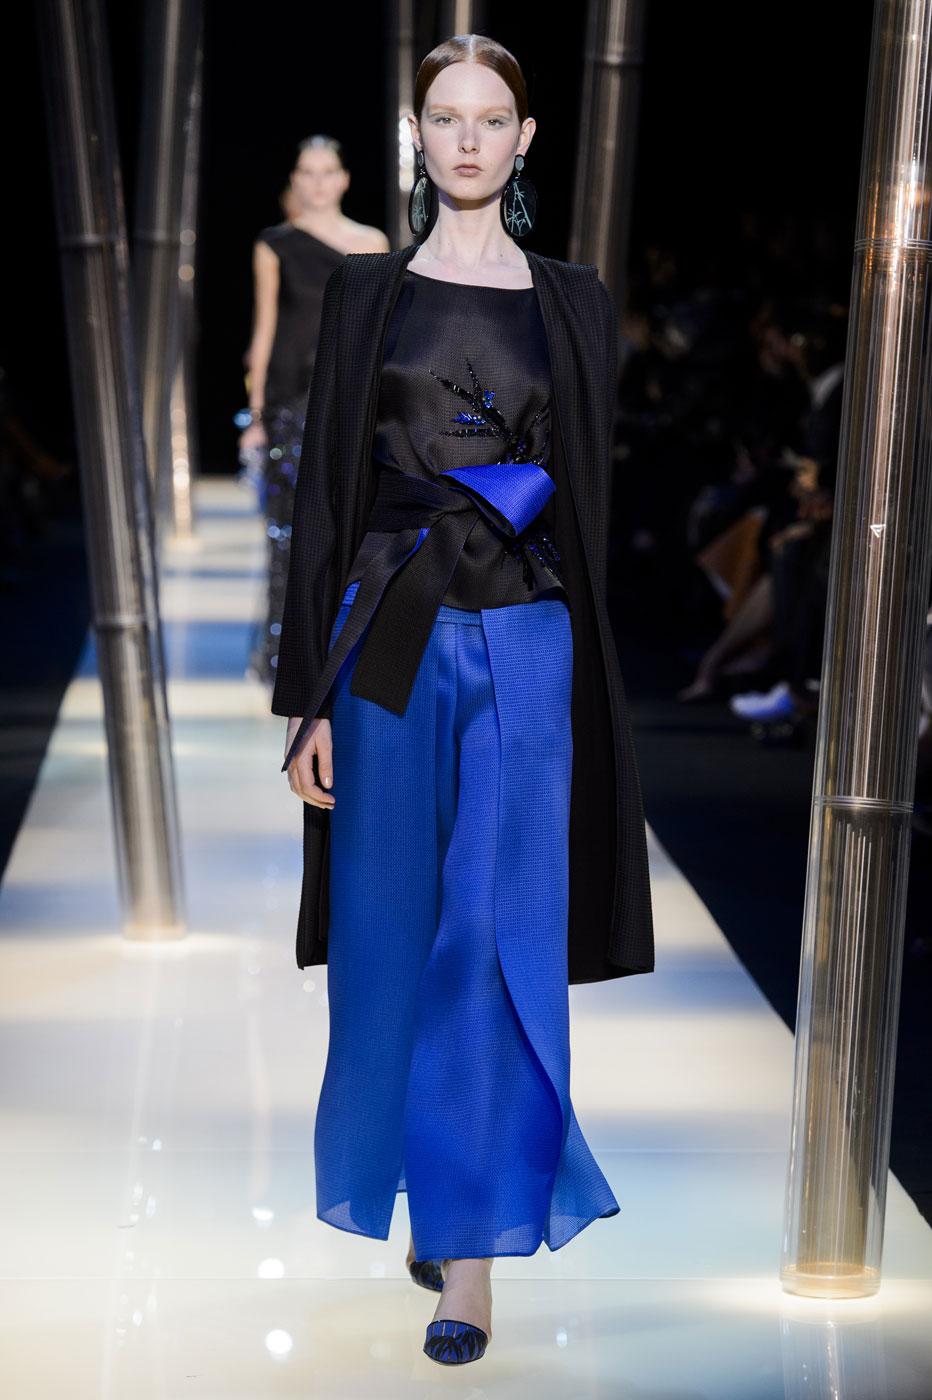 Giorgio-armani-Prive-fashion-runway-show-haute-couture-paris-spring-2015-the-impression-131